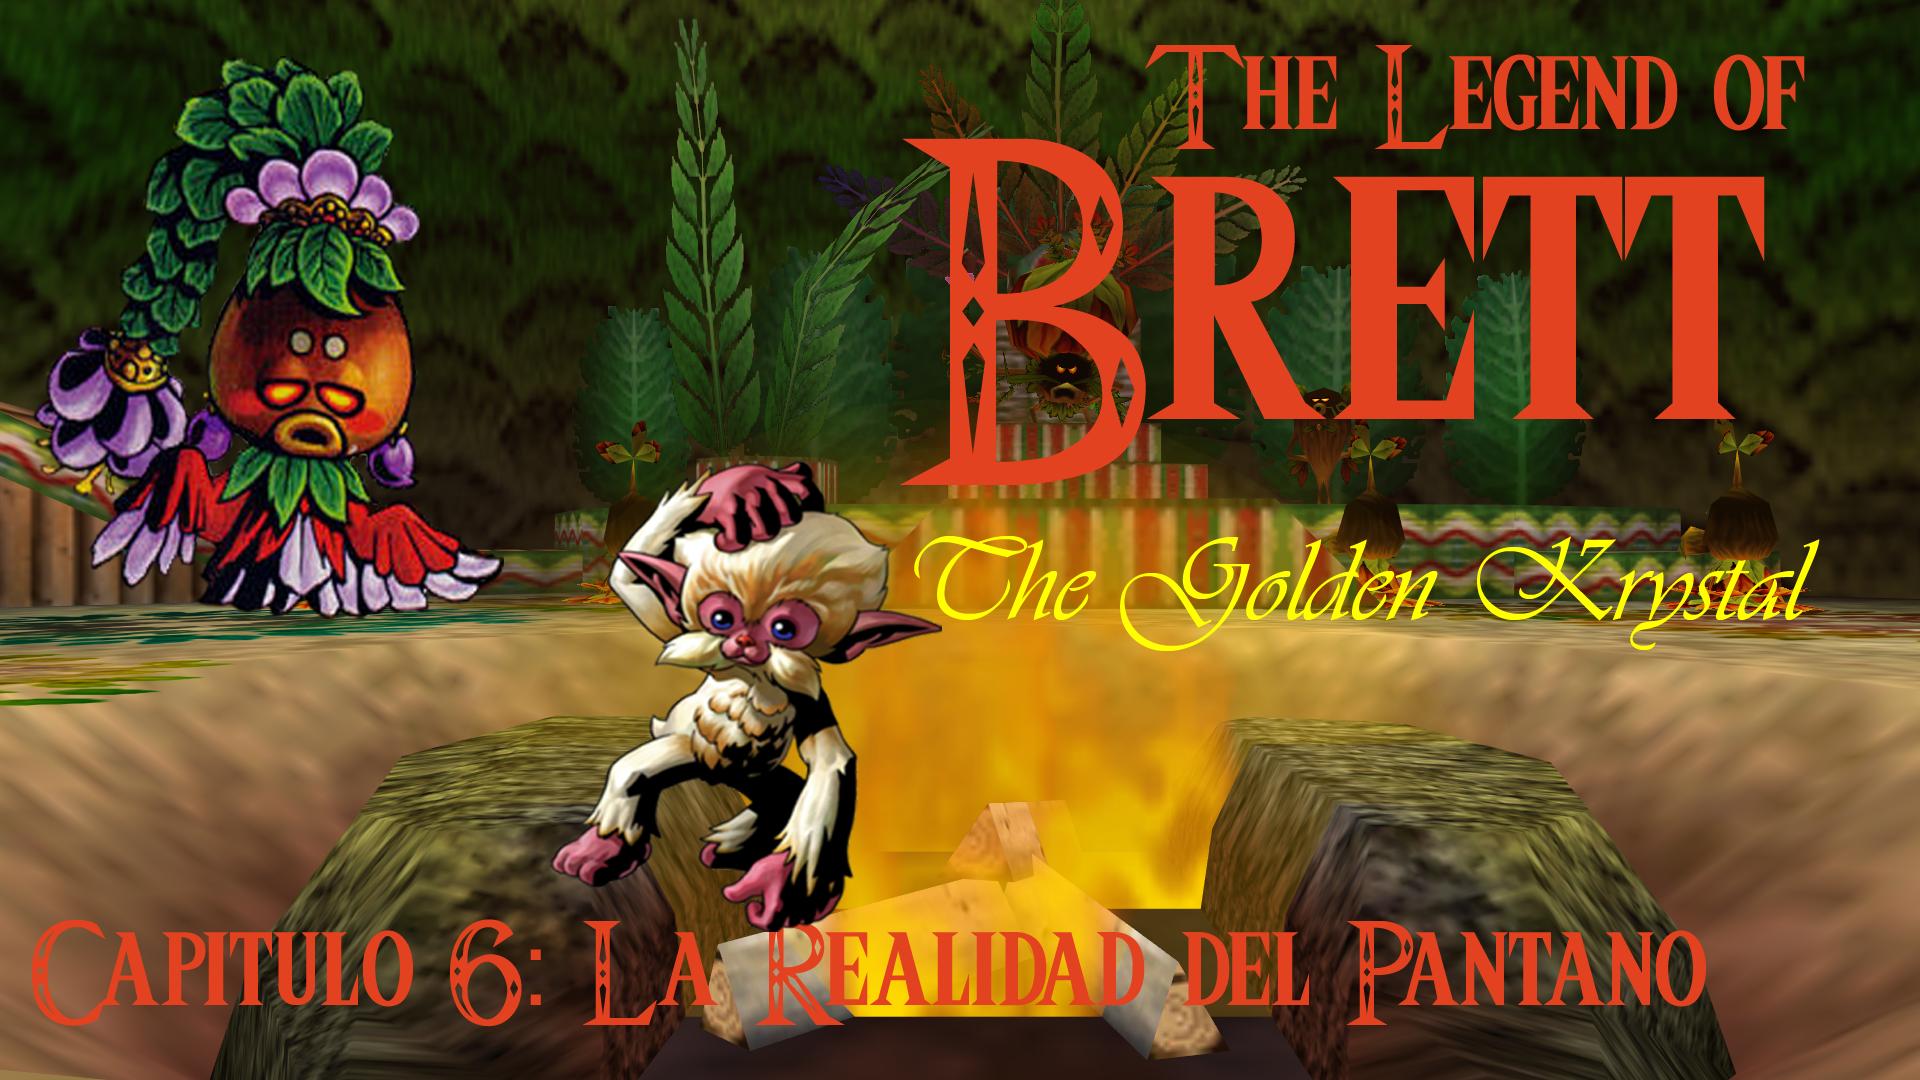 AnewLegend/The Legend of Brett: The Golden Krystal/Capítulo 6/La Realidad del Pantano